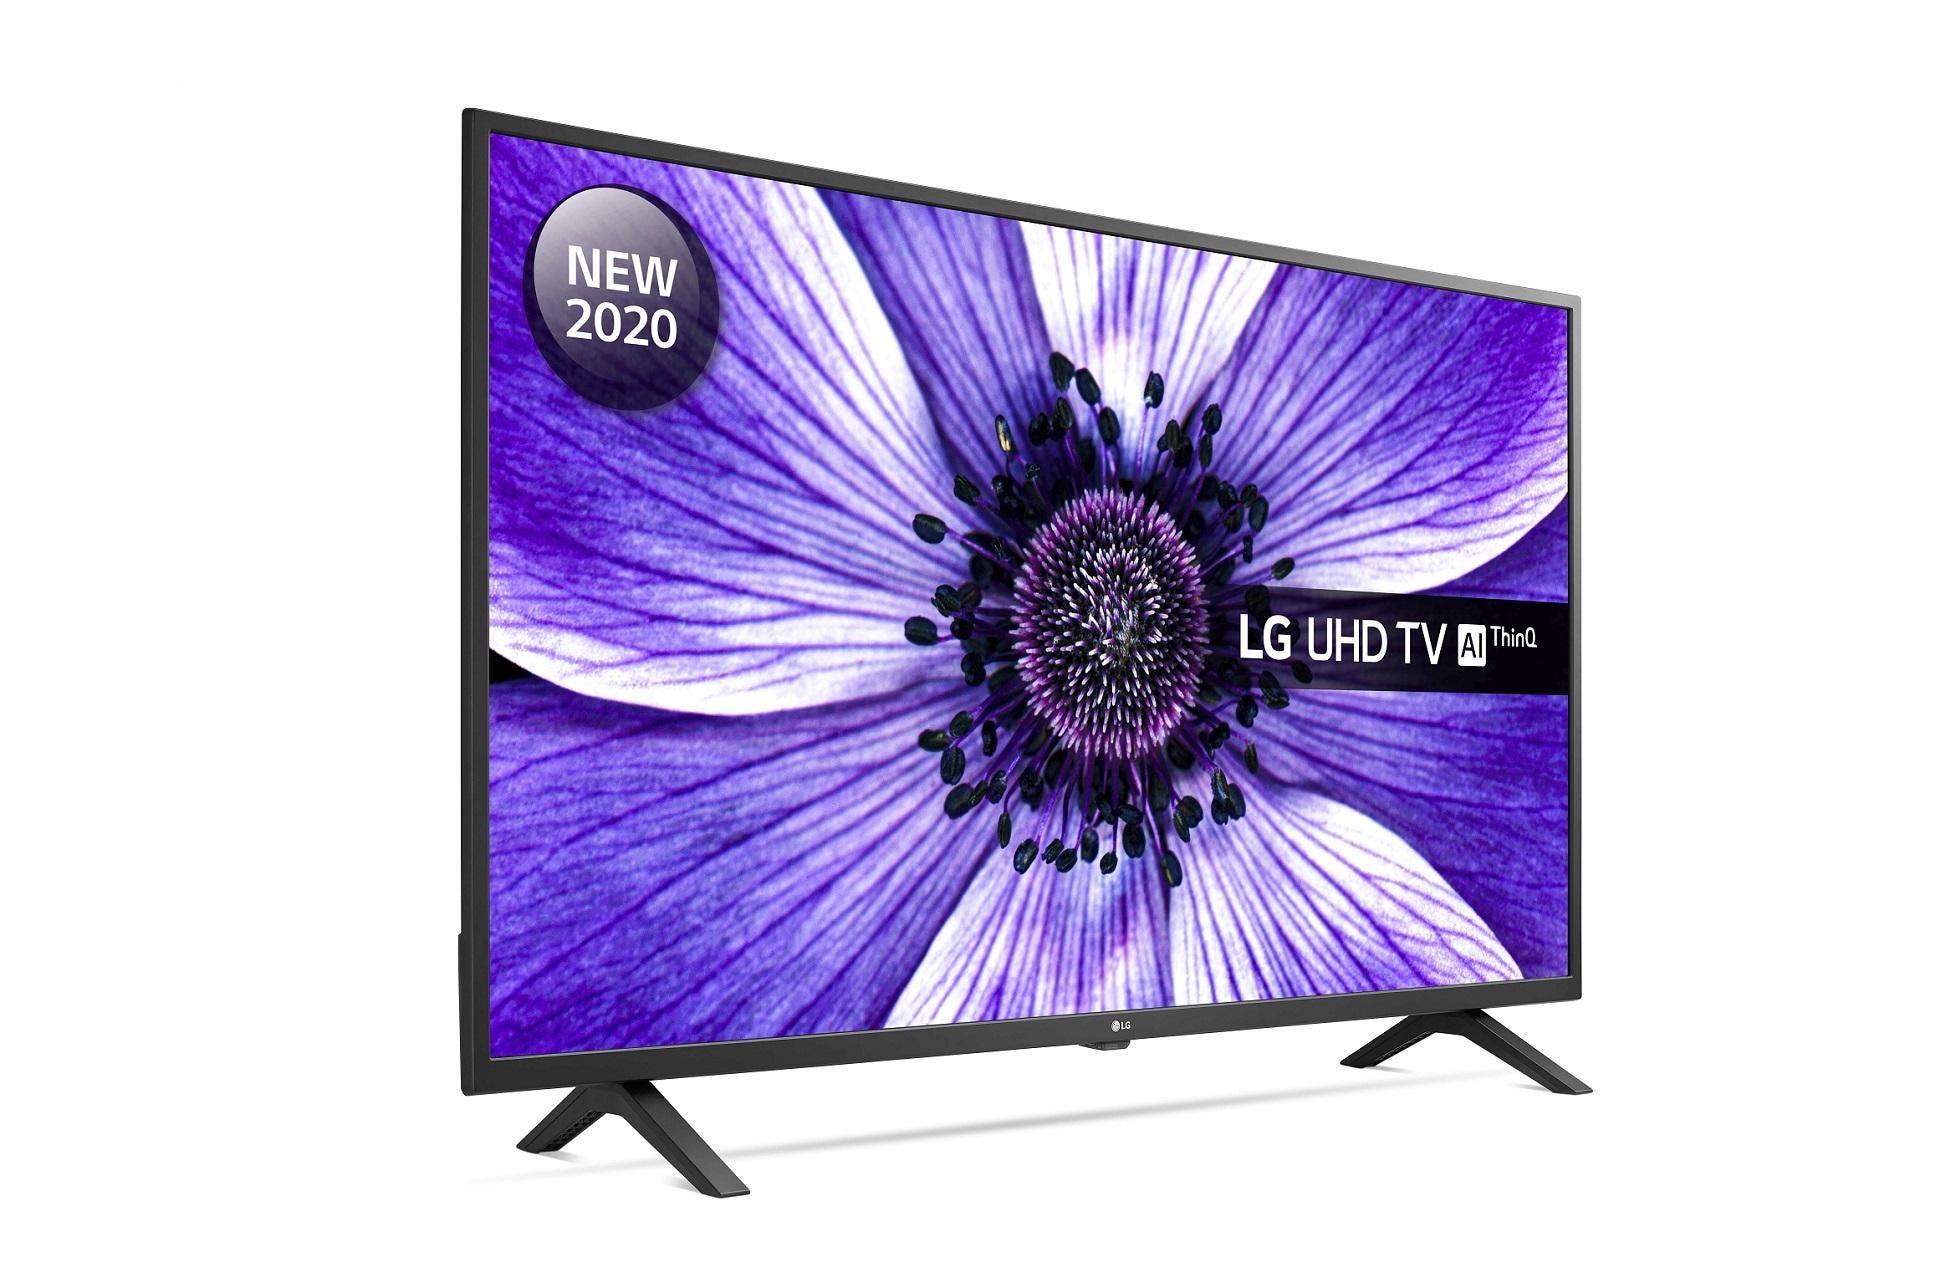 LG 50UN70006LA TV